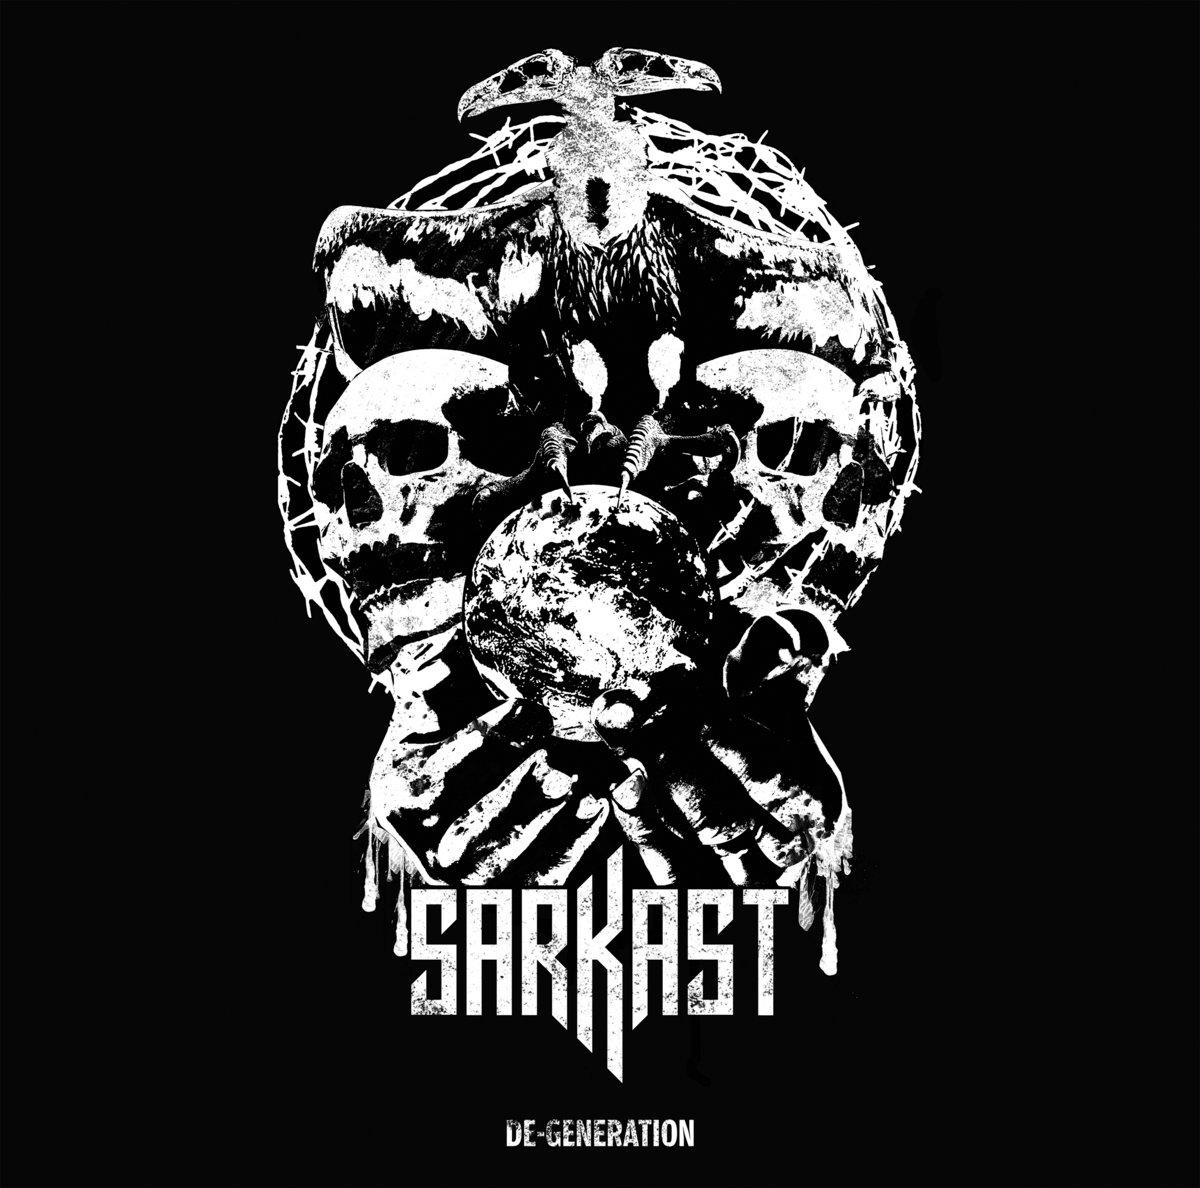 https://sarkast.bandcamp.com/album/de-generation